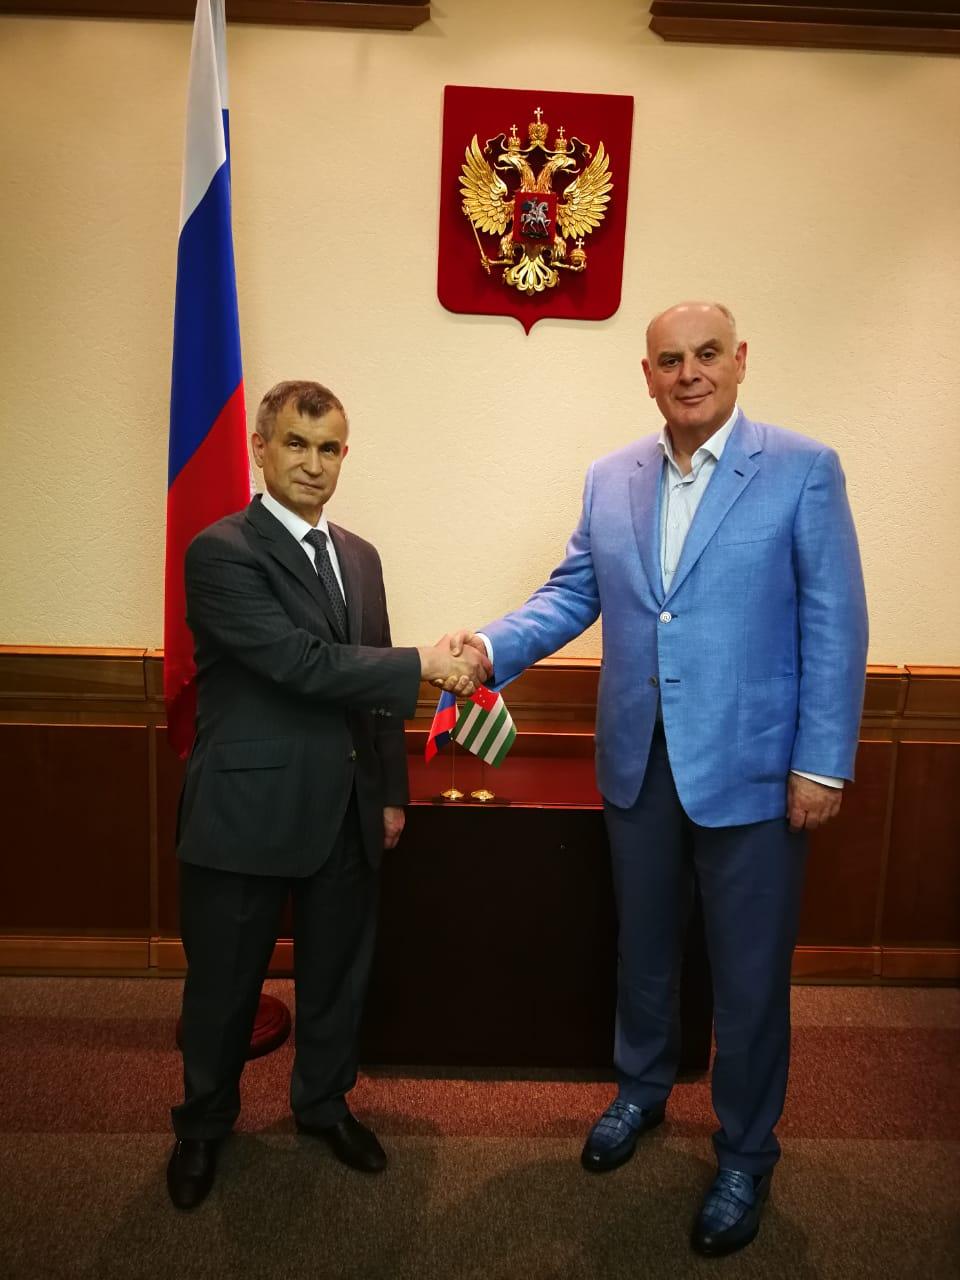 Аслан Бжания встретился с Рашидом Нургалиевым